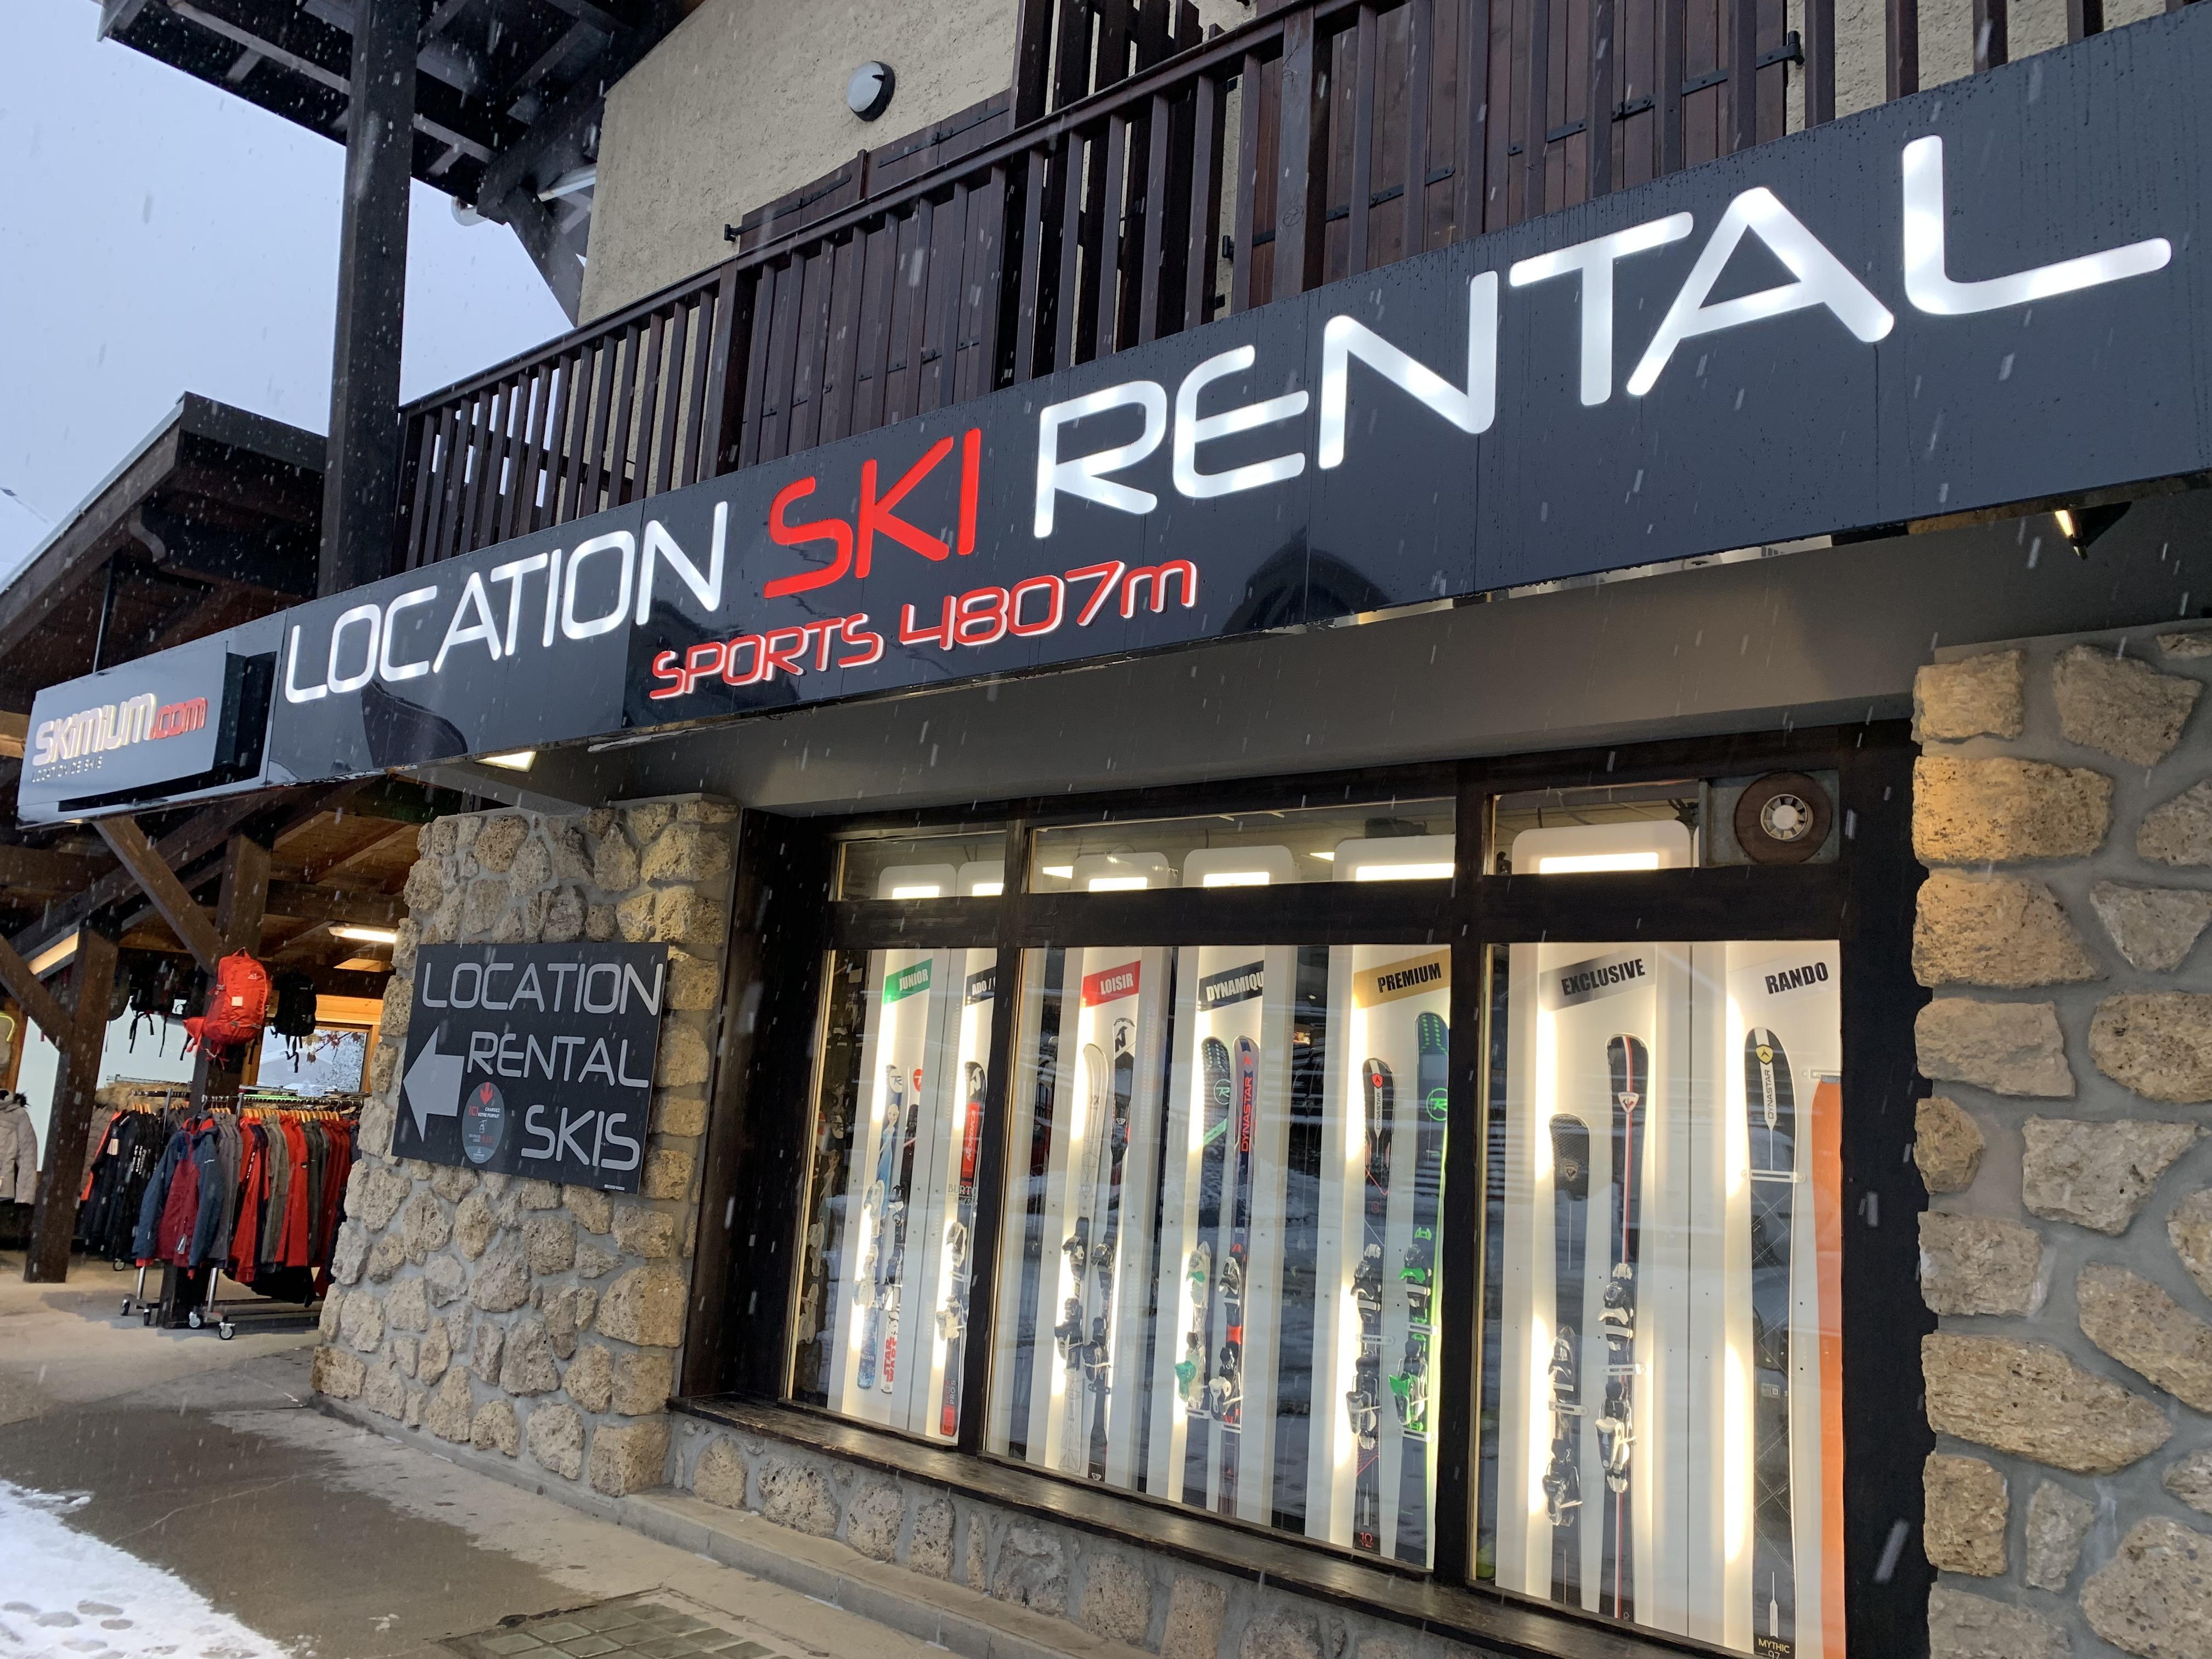 Skimium - Sports 4807m - Location De Ski Les Contamines Montjoie Les Contamines Montjoie